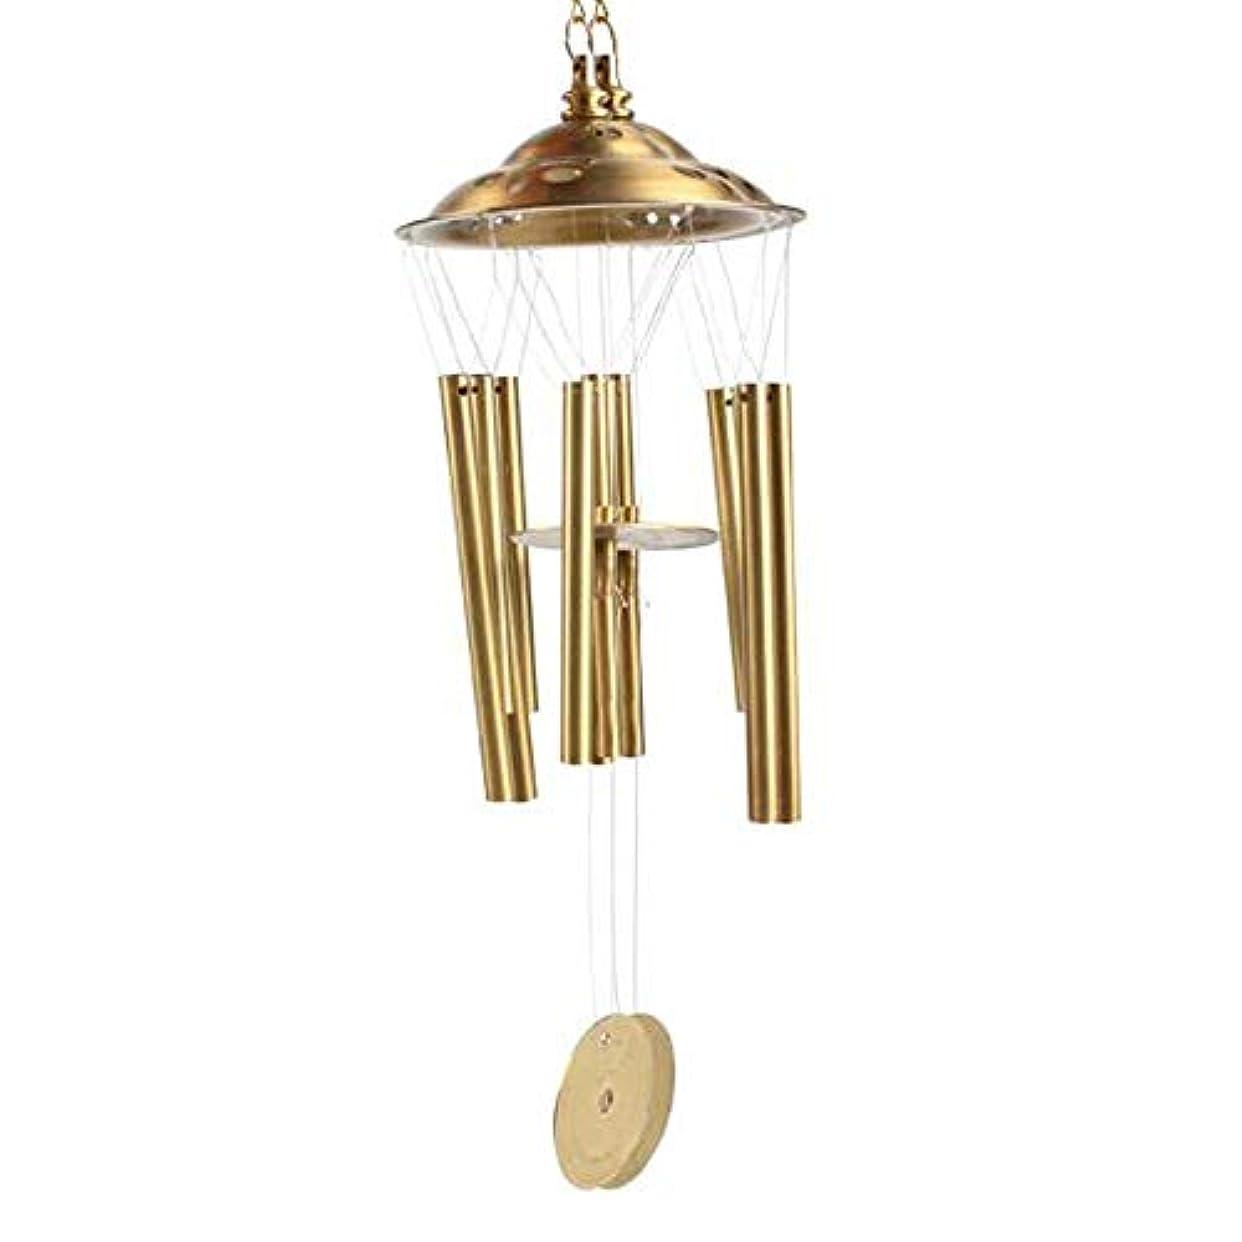 応じる大困ったYougou01 風チャイム、銅6チューブ風チャイム、ゴールド、全身約2.5インチ 、創造的な装飾 (Size : 4 inches)